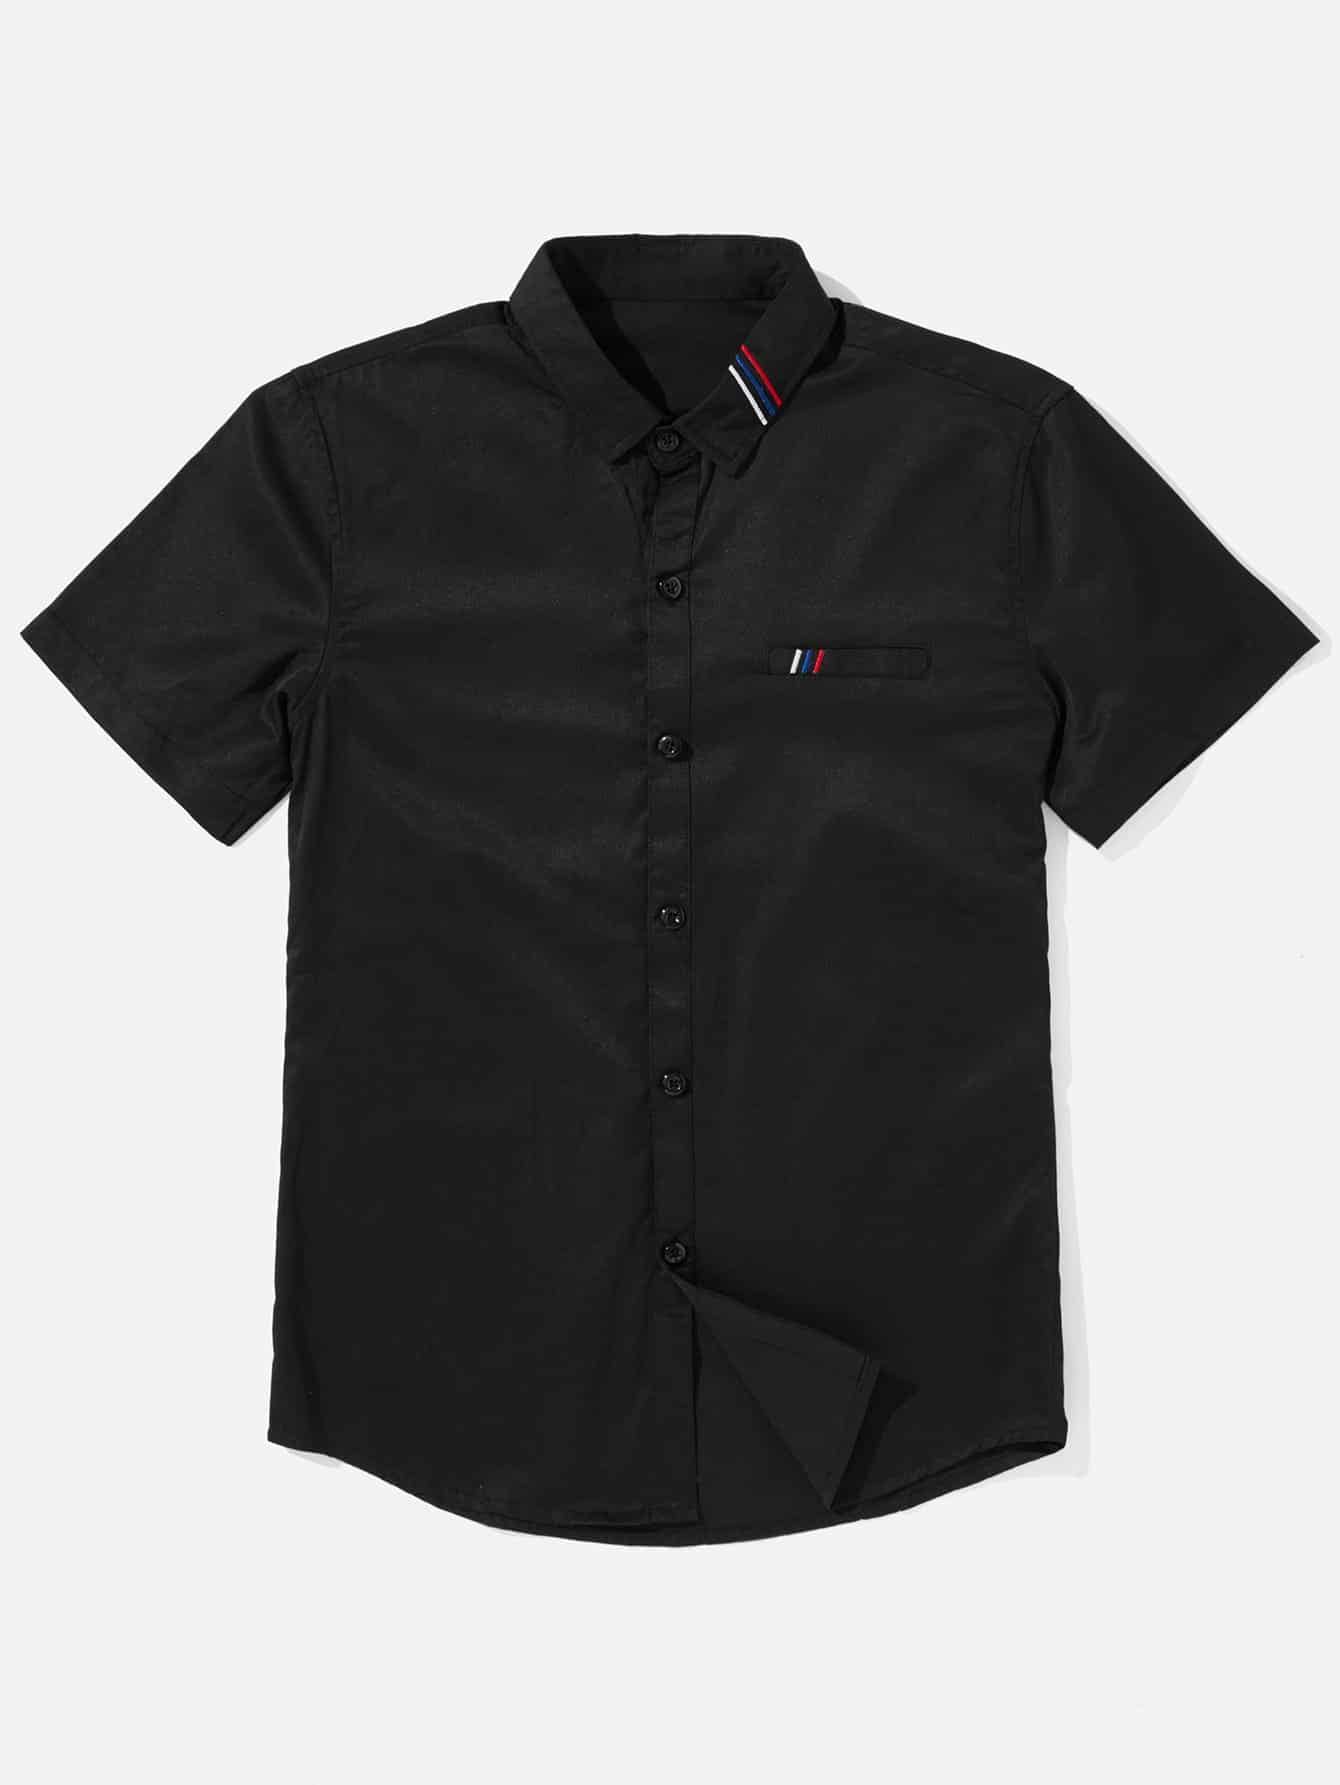 Купить Рубашка с вышивкой и полосками для мужчин, null, SheIn